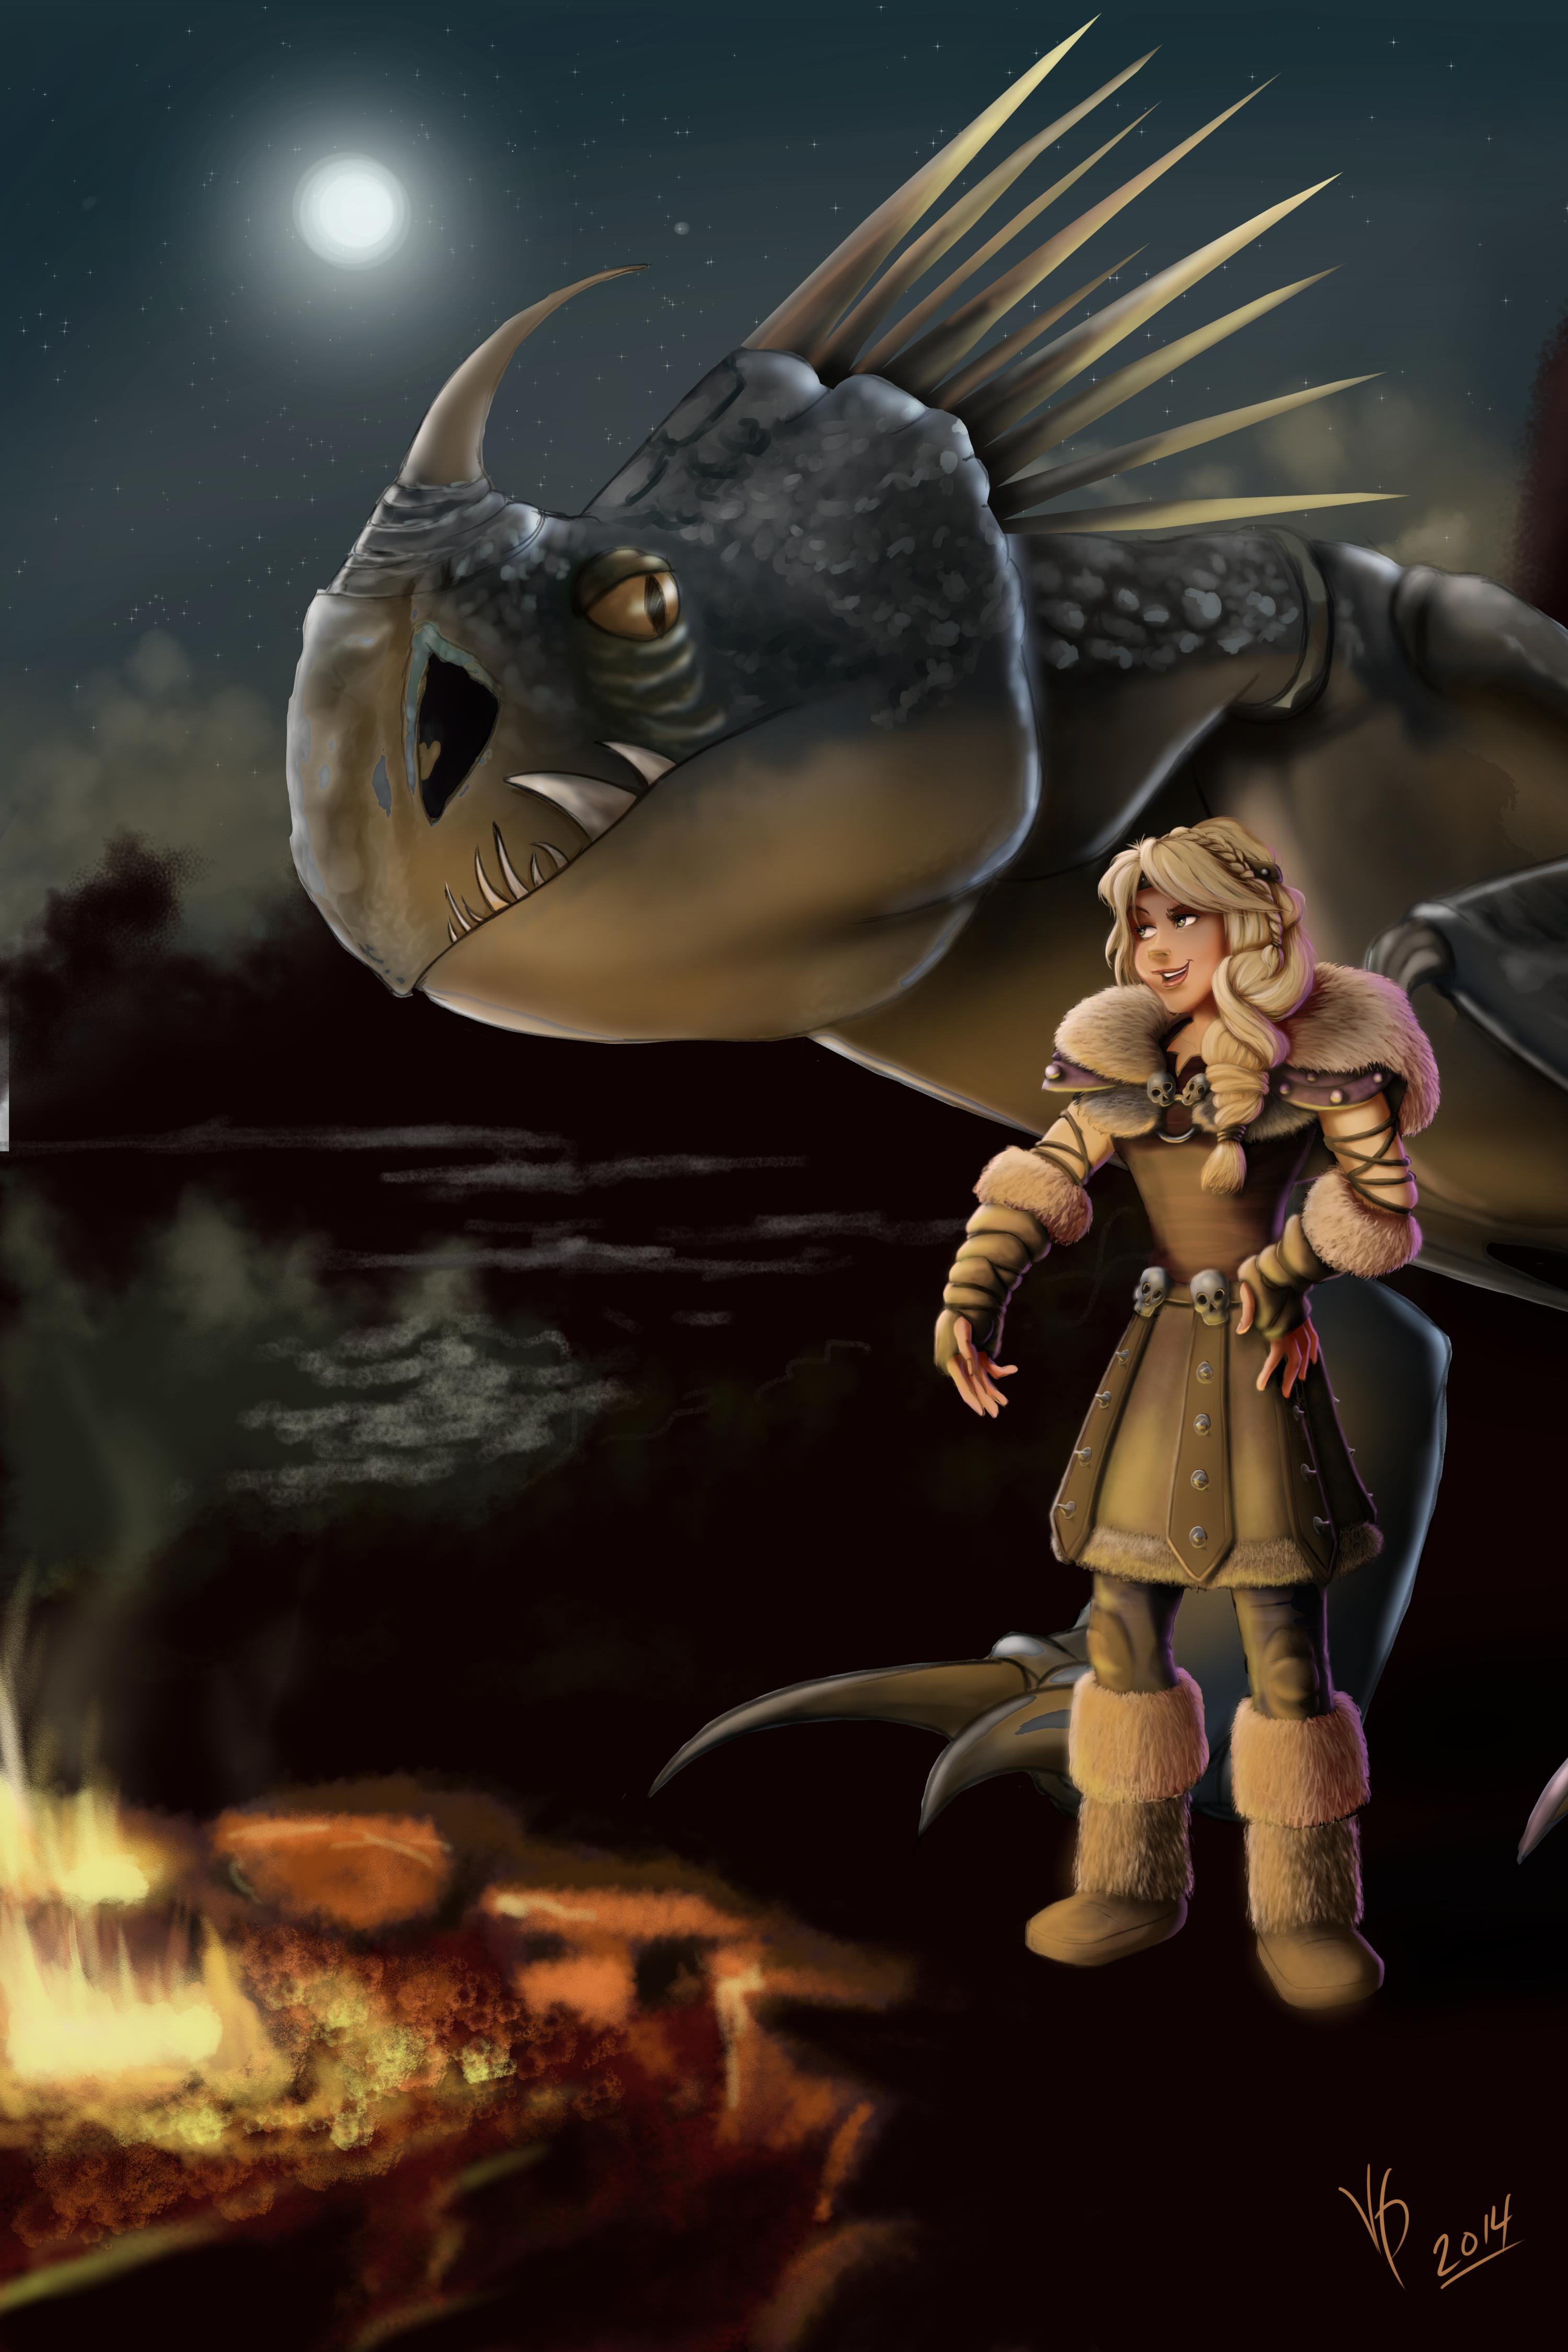 Astrid and Stormfly FanArt